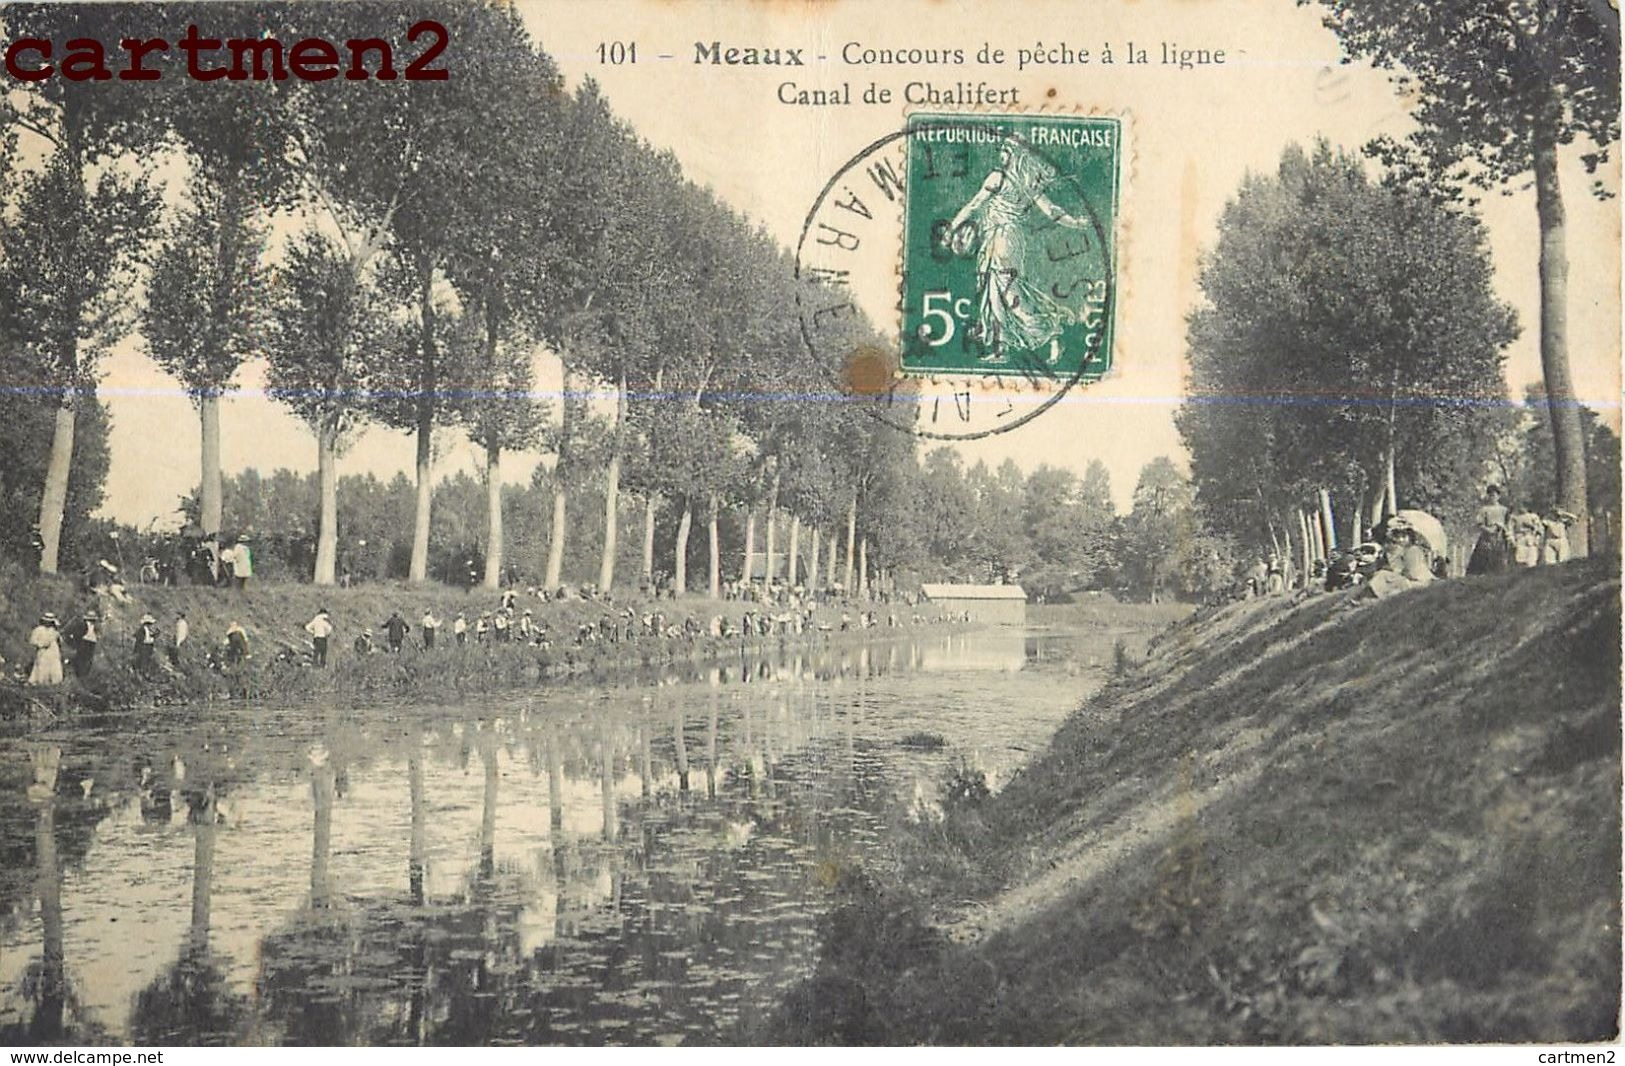 MEAUX CONCOURS DE PECHE A LA LIGNE CANAL DE CHALIFERT 77 - Meaux